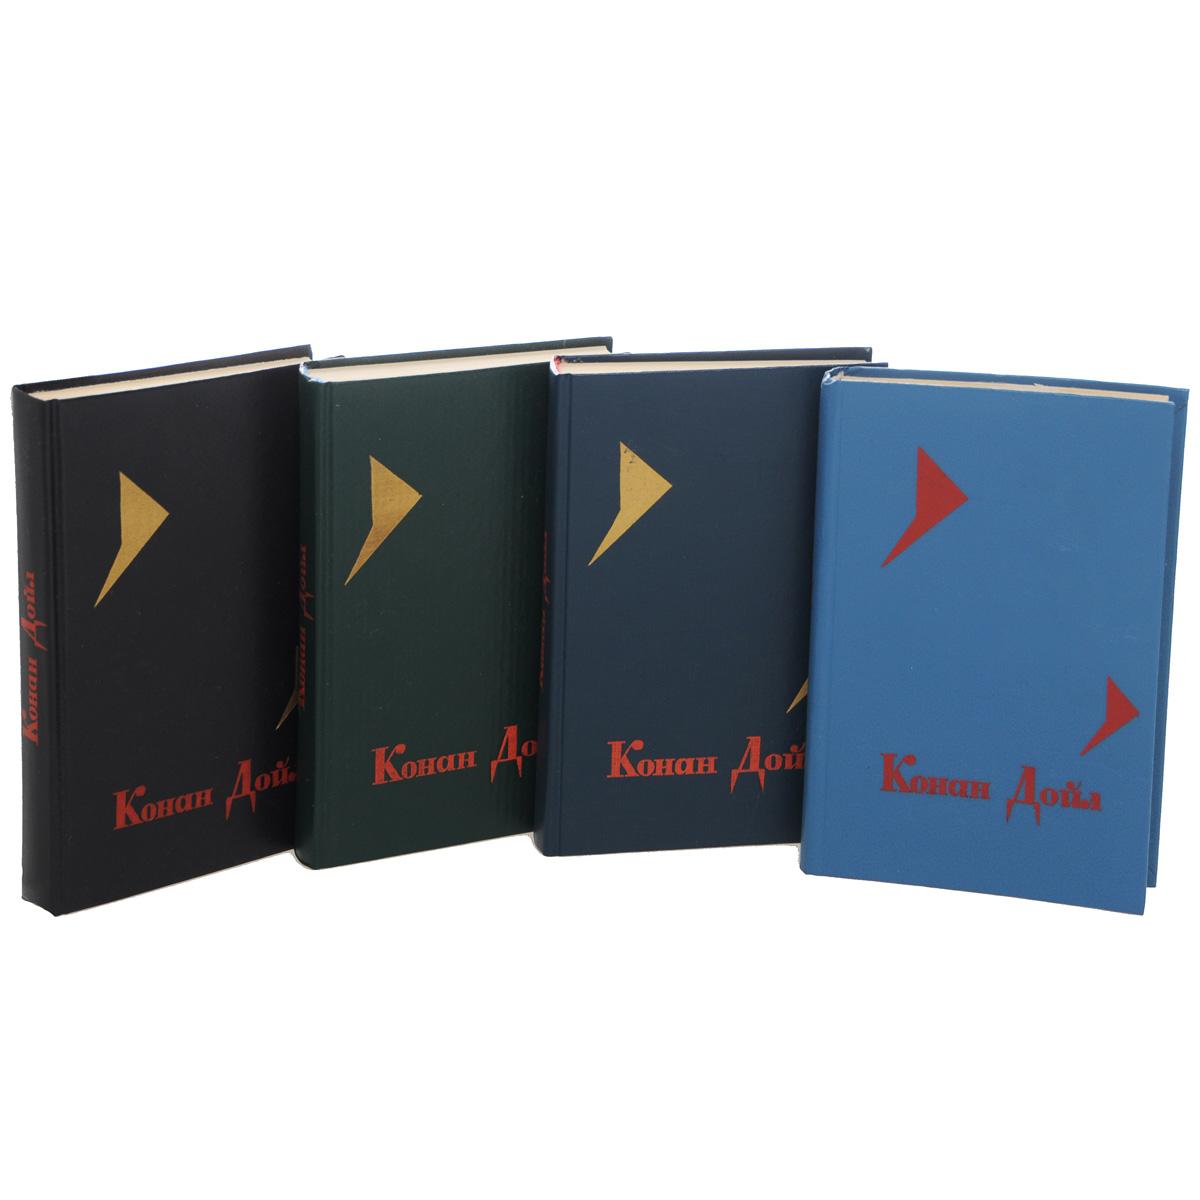 Артур Конан Дойл. Собрание сочинений. В 4 томах (комплект из 4 книг)